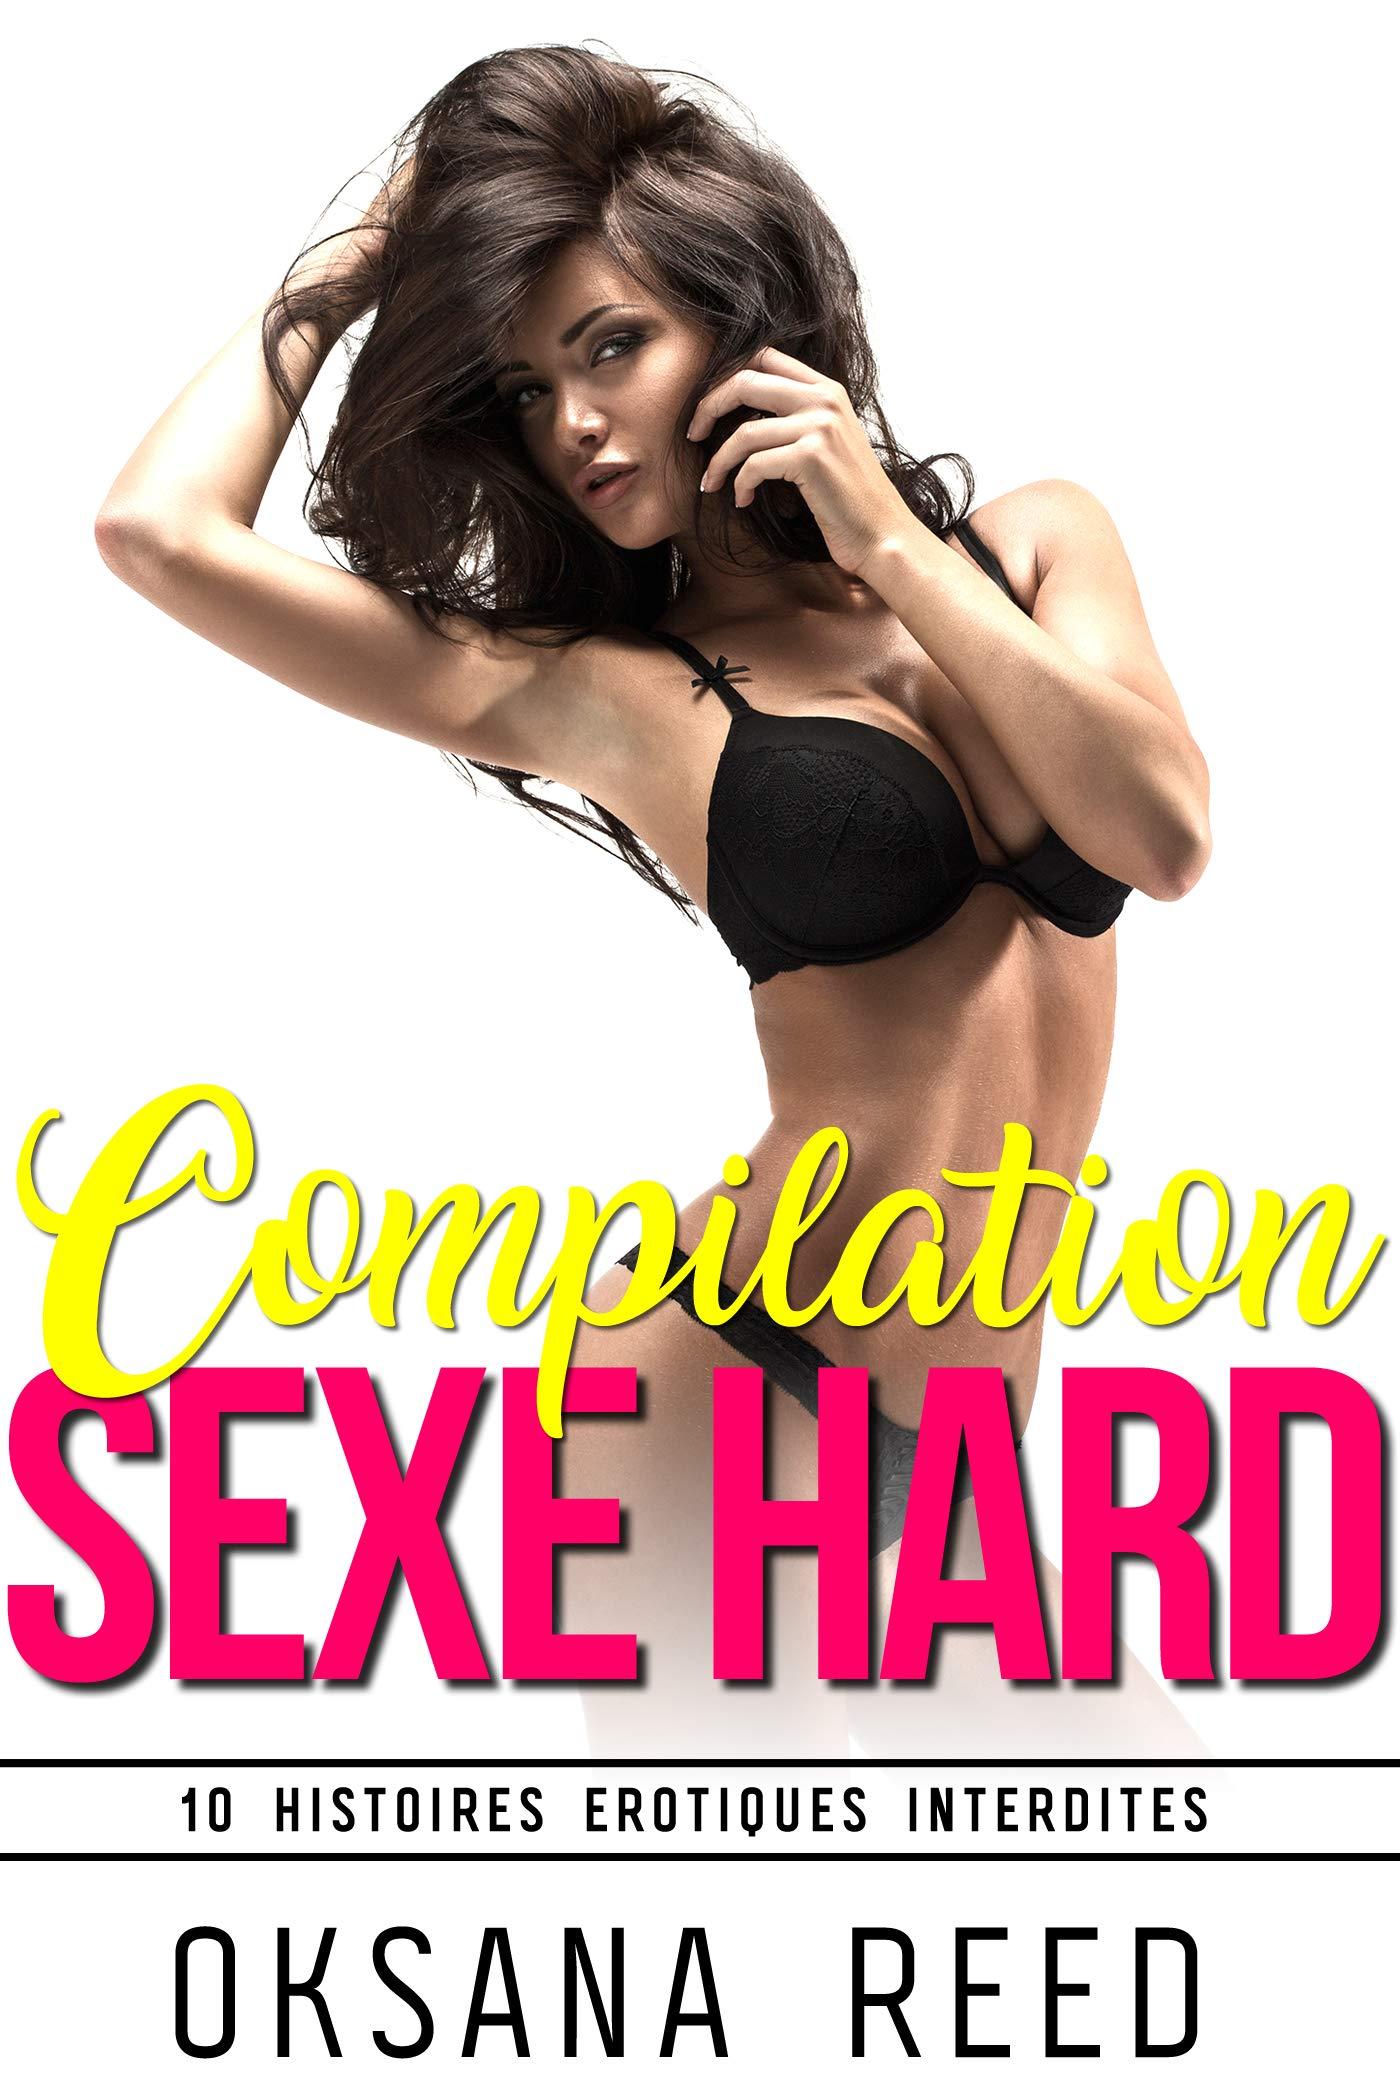 10 Histoires Erotiques: Compilation de Sexe Hard